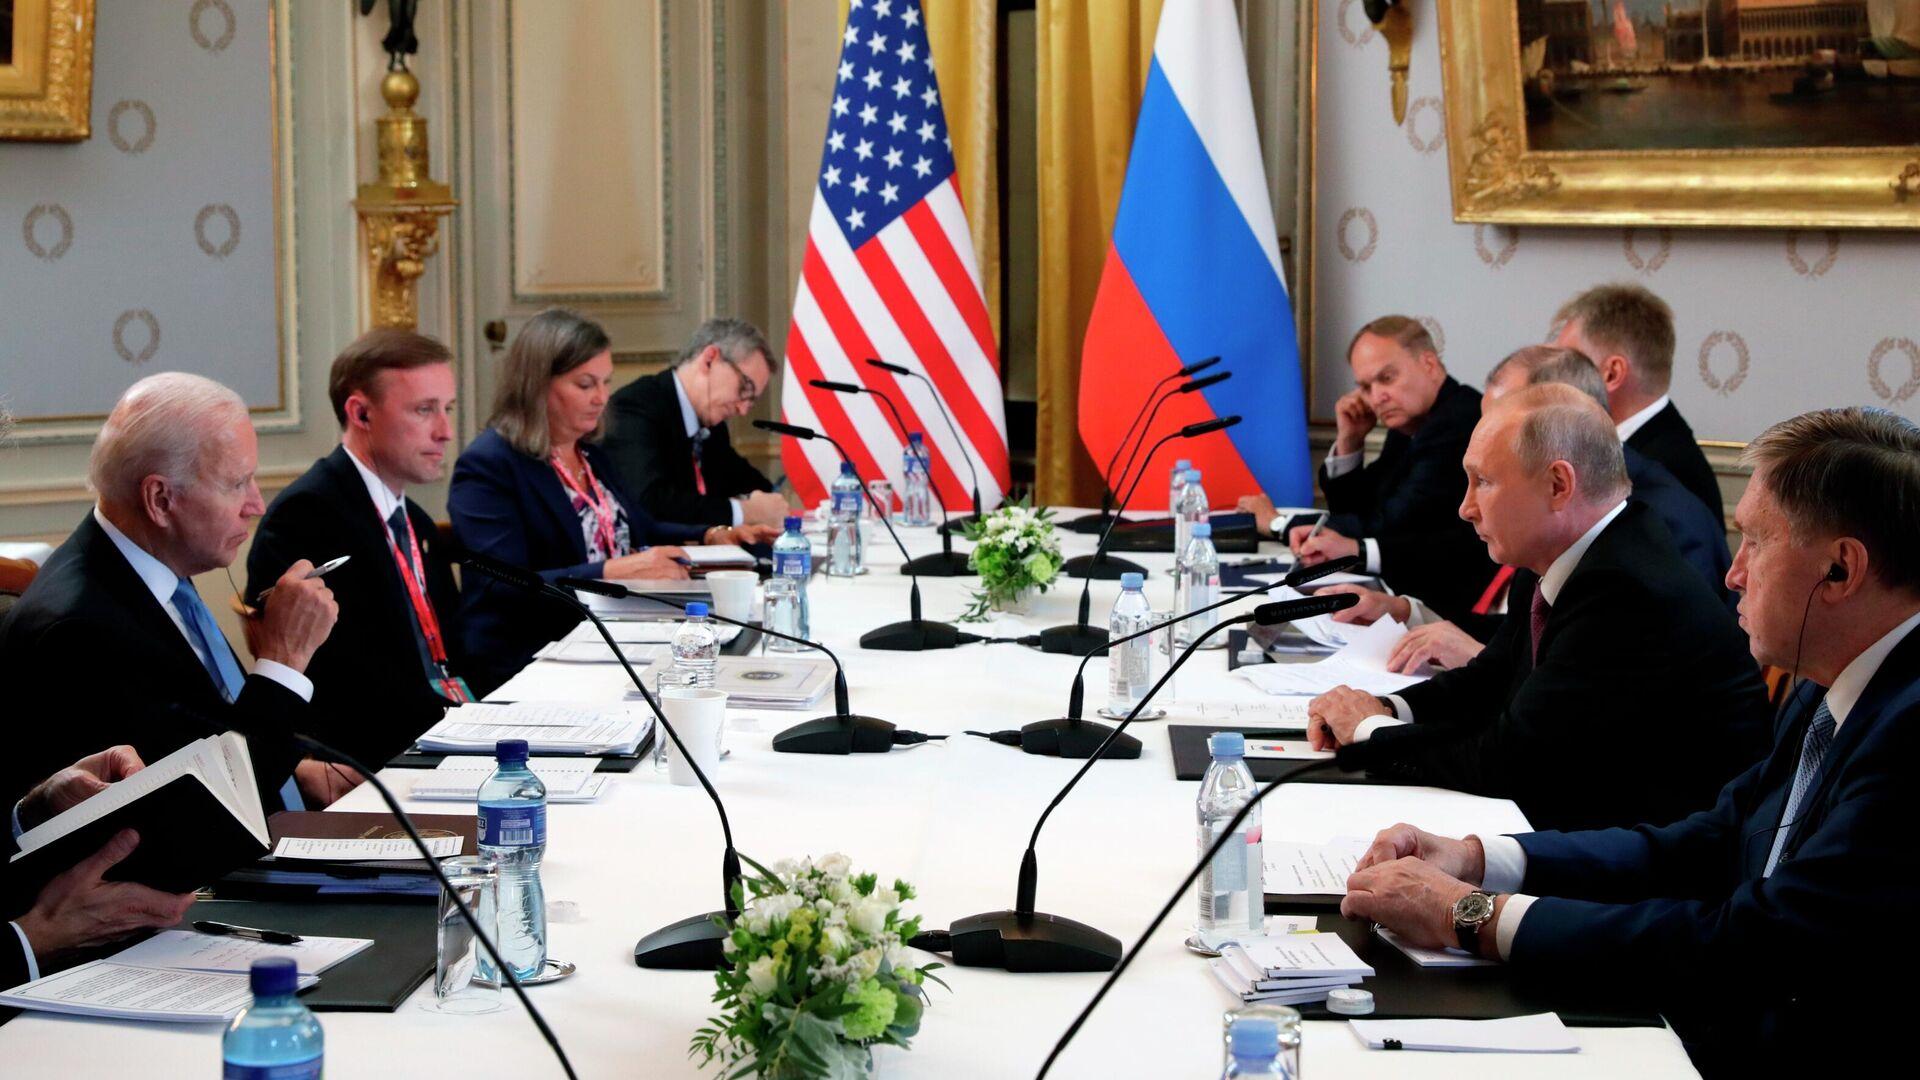 Президент РФ Владимир Путин и президент США Джо Байден во время переговоров в расширенном составе на вилле Ла Гранж в Женеве - РИА Новости, 1920, 16.06.2021